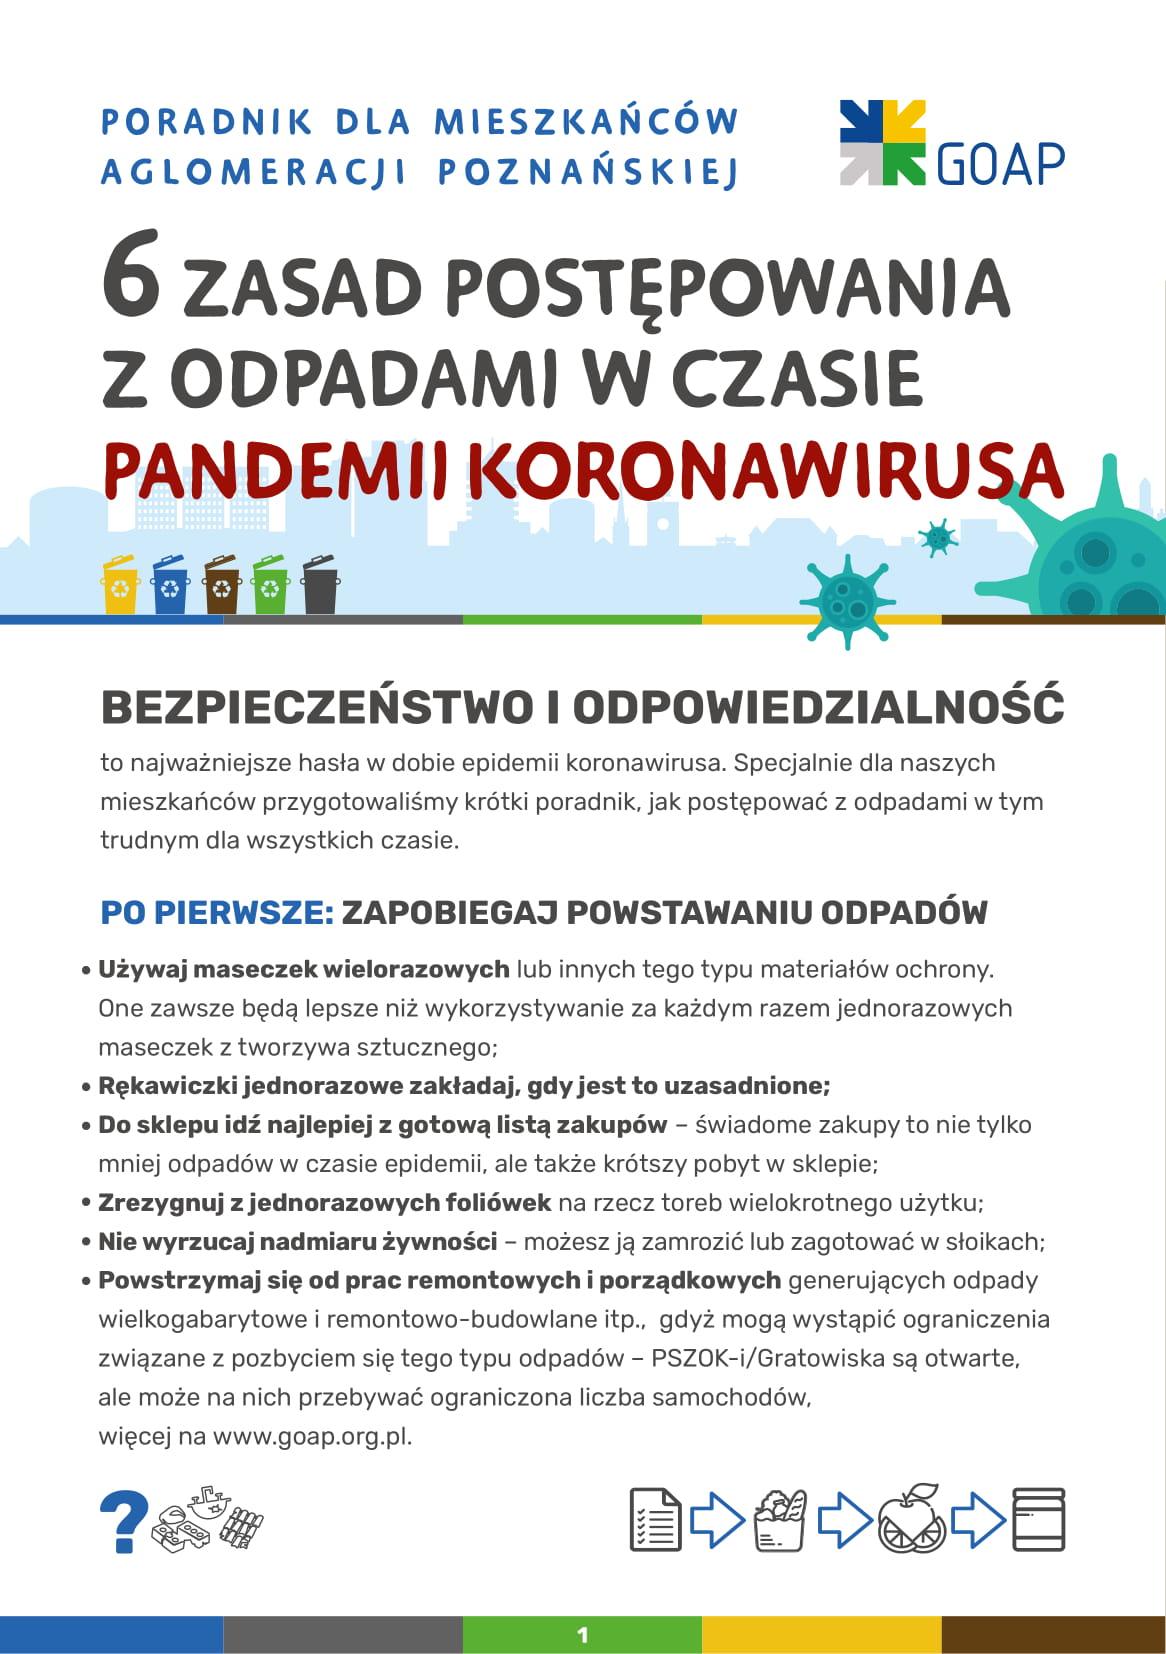 GOAP-Poradnik_zasady_postepowania_z_odpadami_w_czasie_pandemii_Koronawirusa-1